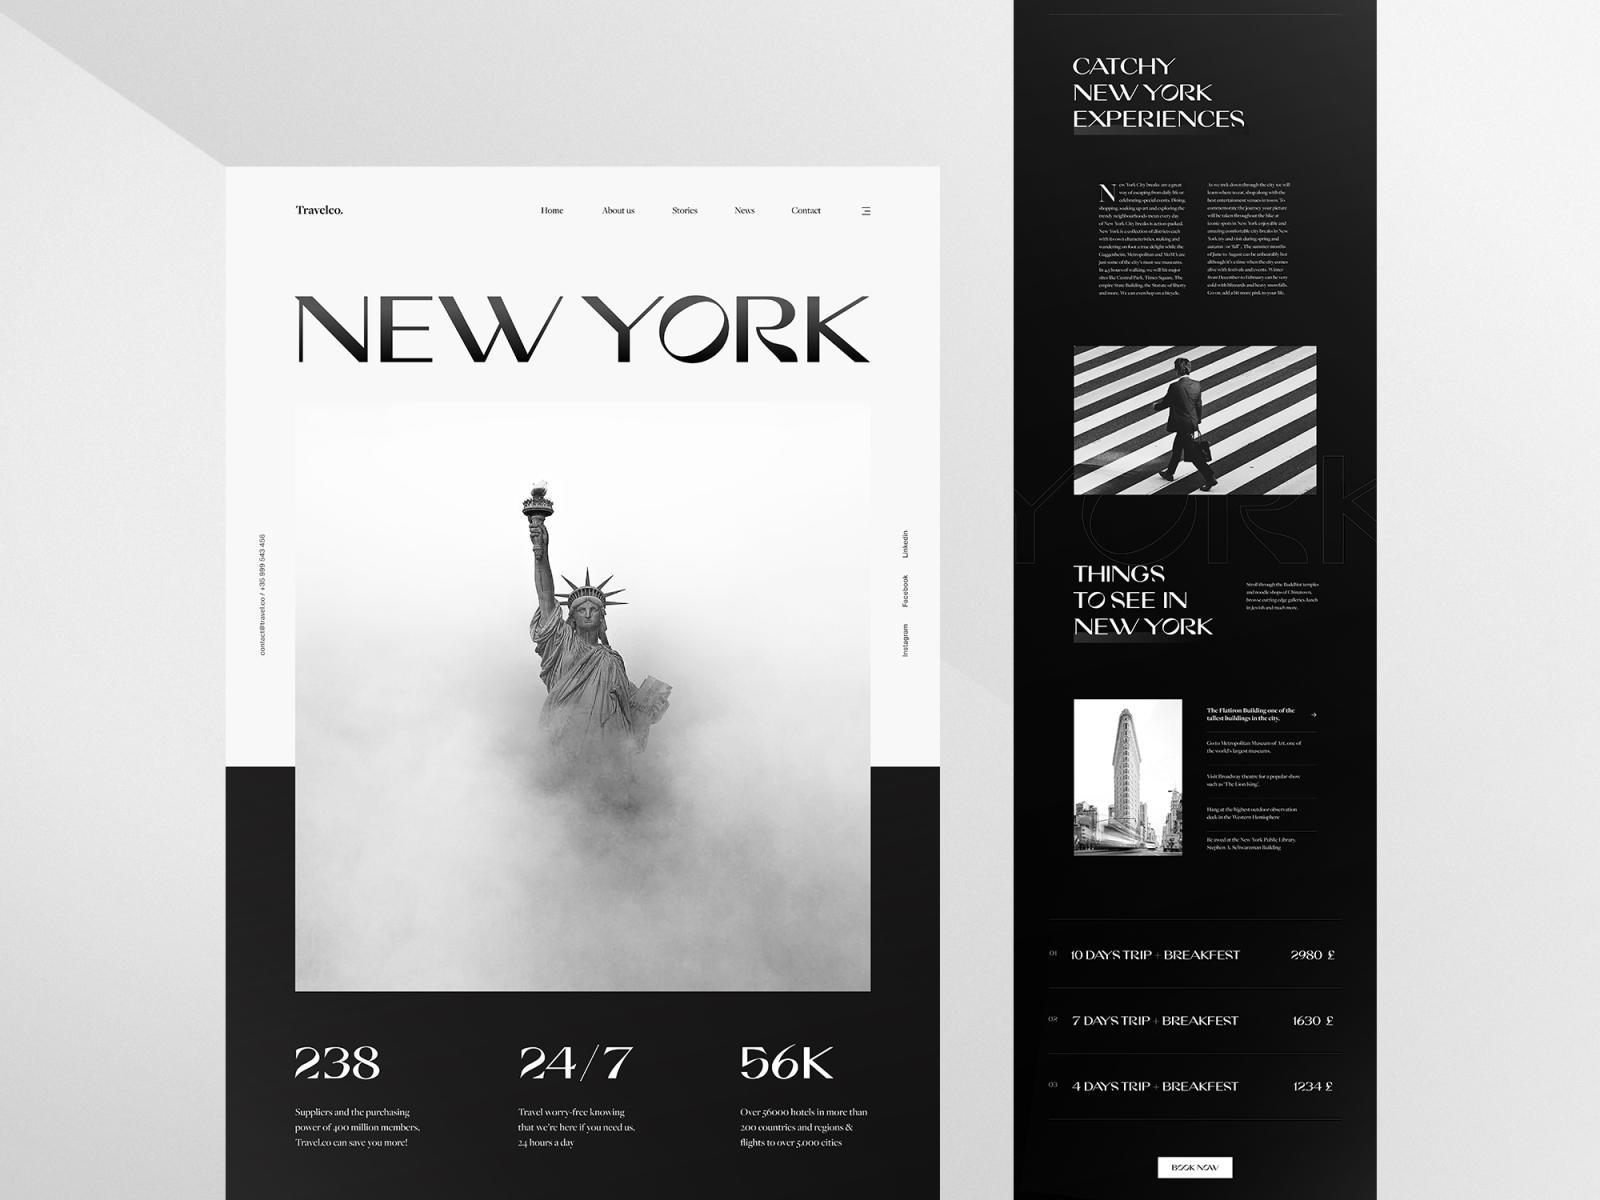 monochrome web design